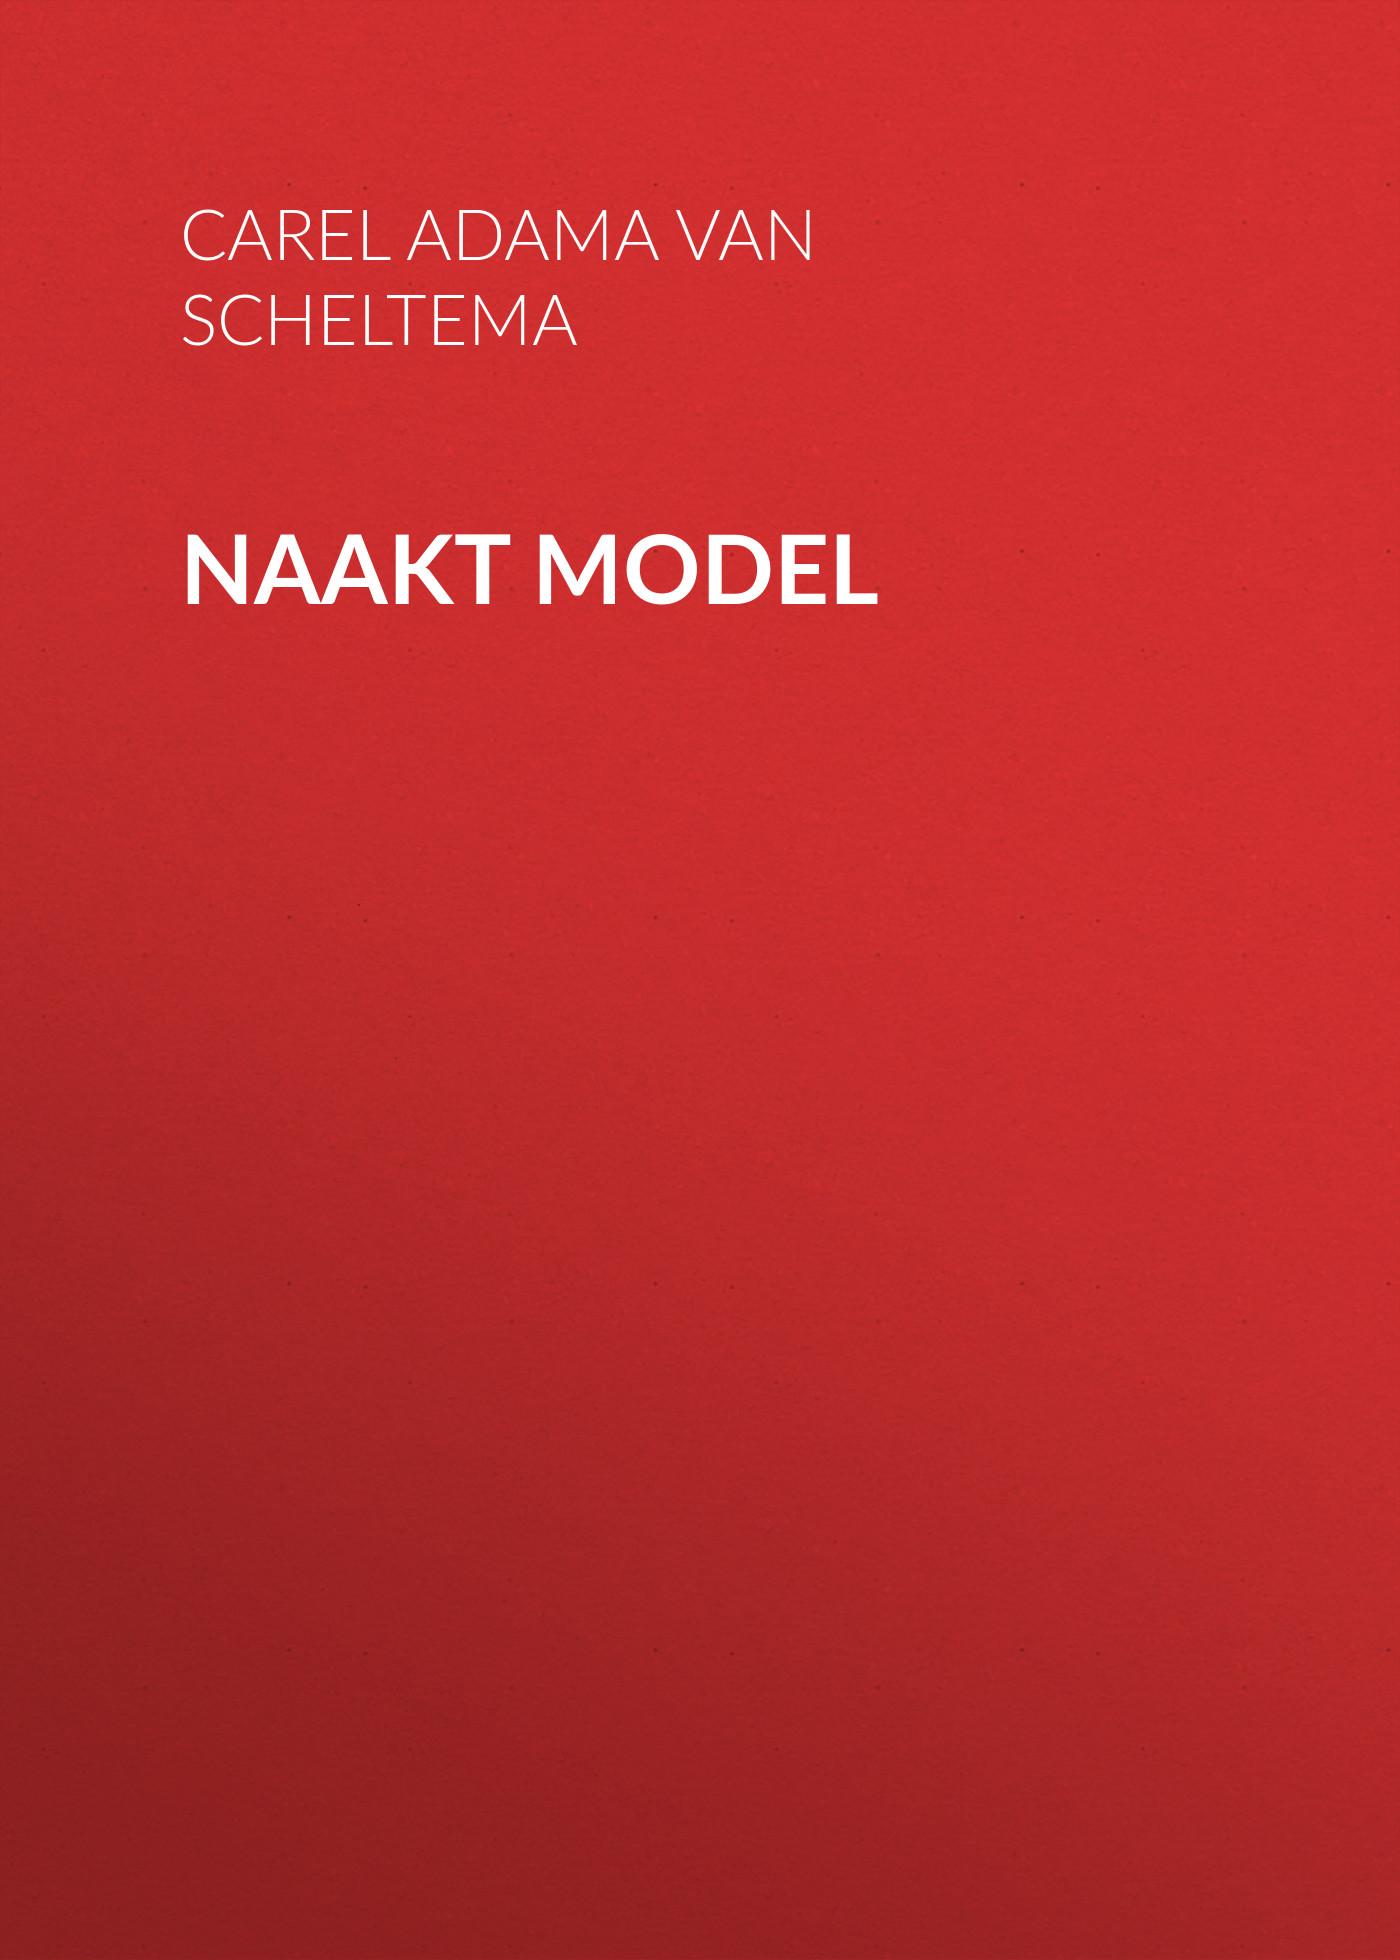 Фото - Adama van Scheltema Carel Steven Naakt model v persie van basten 556688